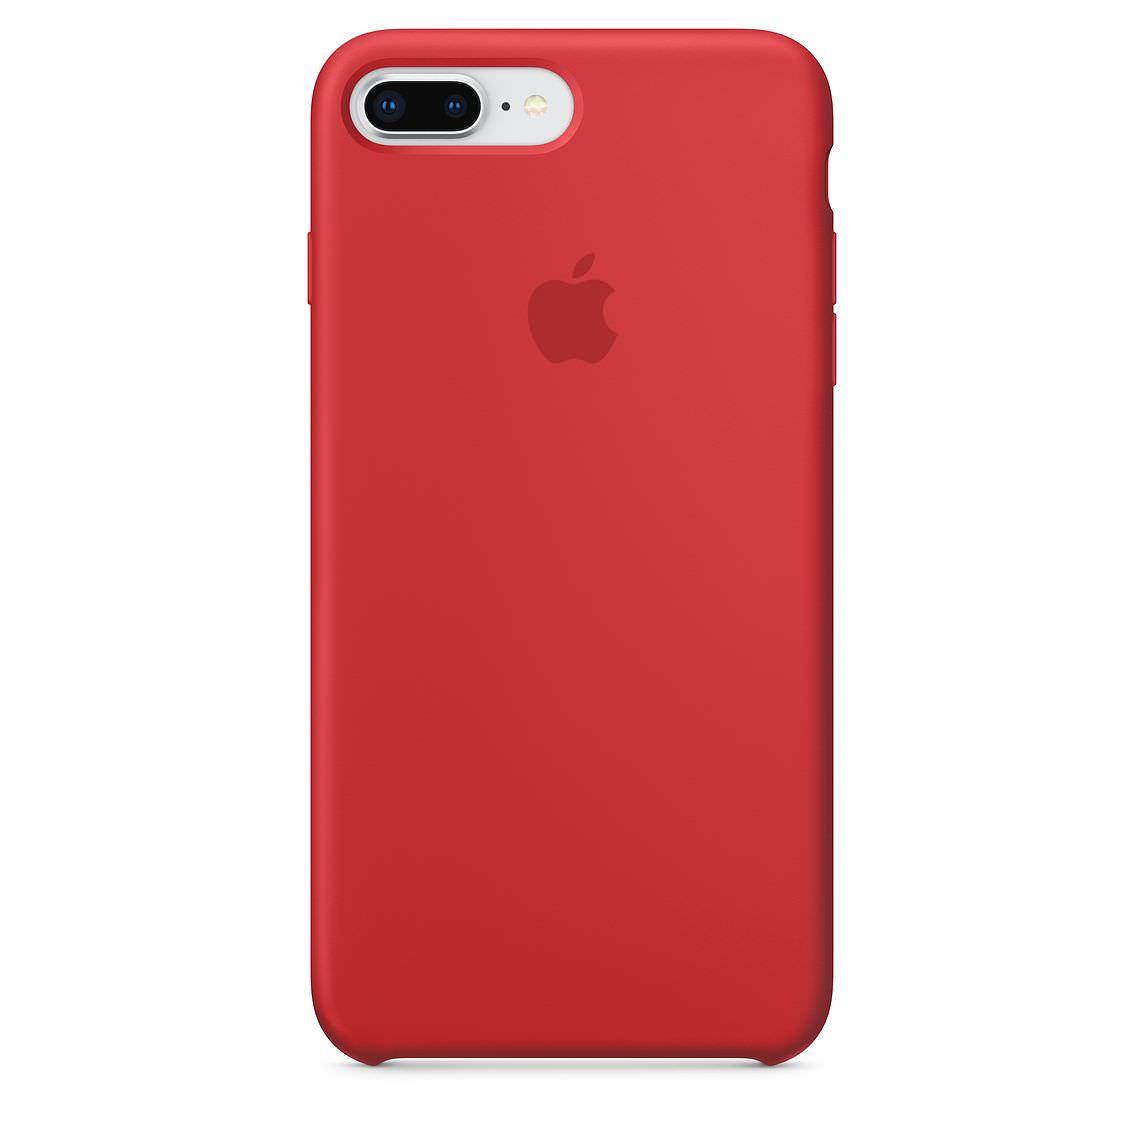 Apple silikónový obal pre iPhone 7 Plus / 8 Plus - červený 1